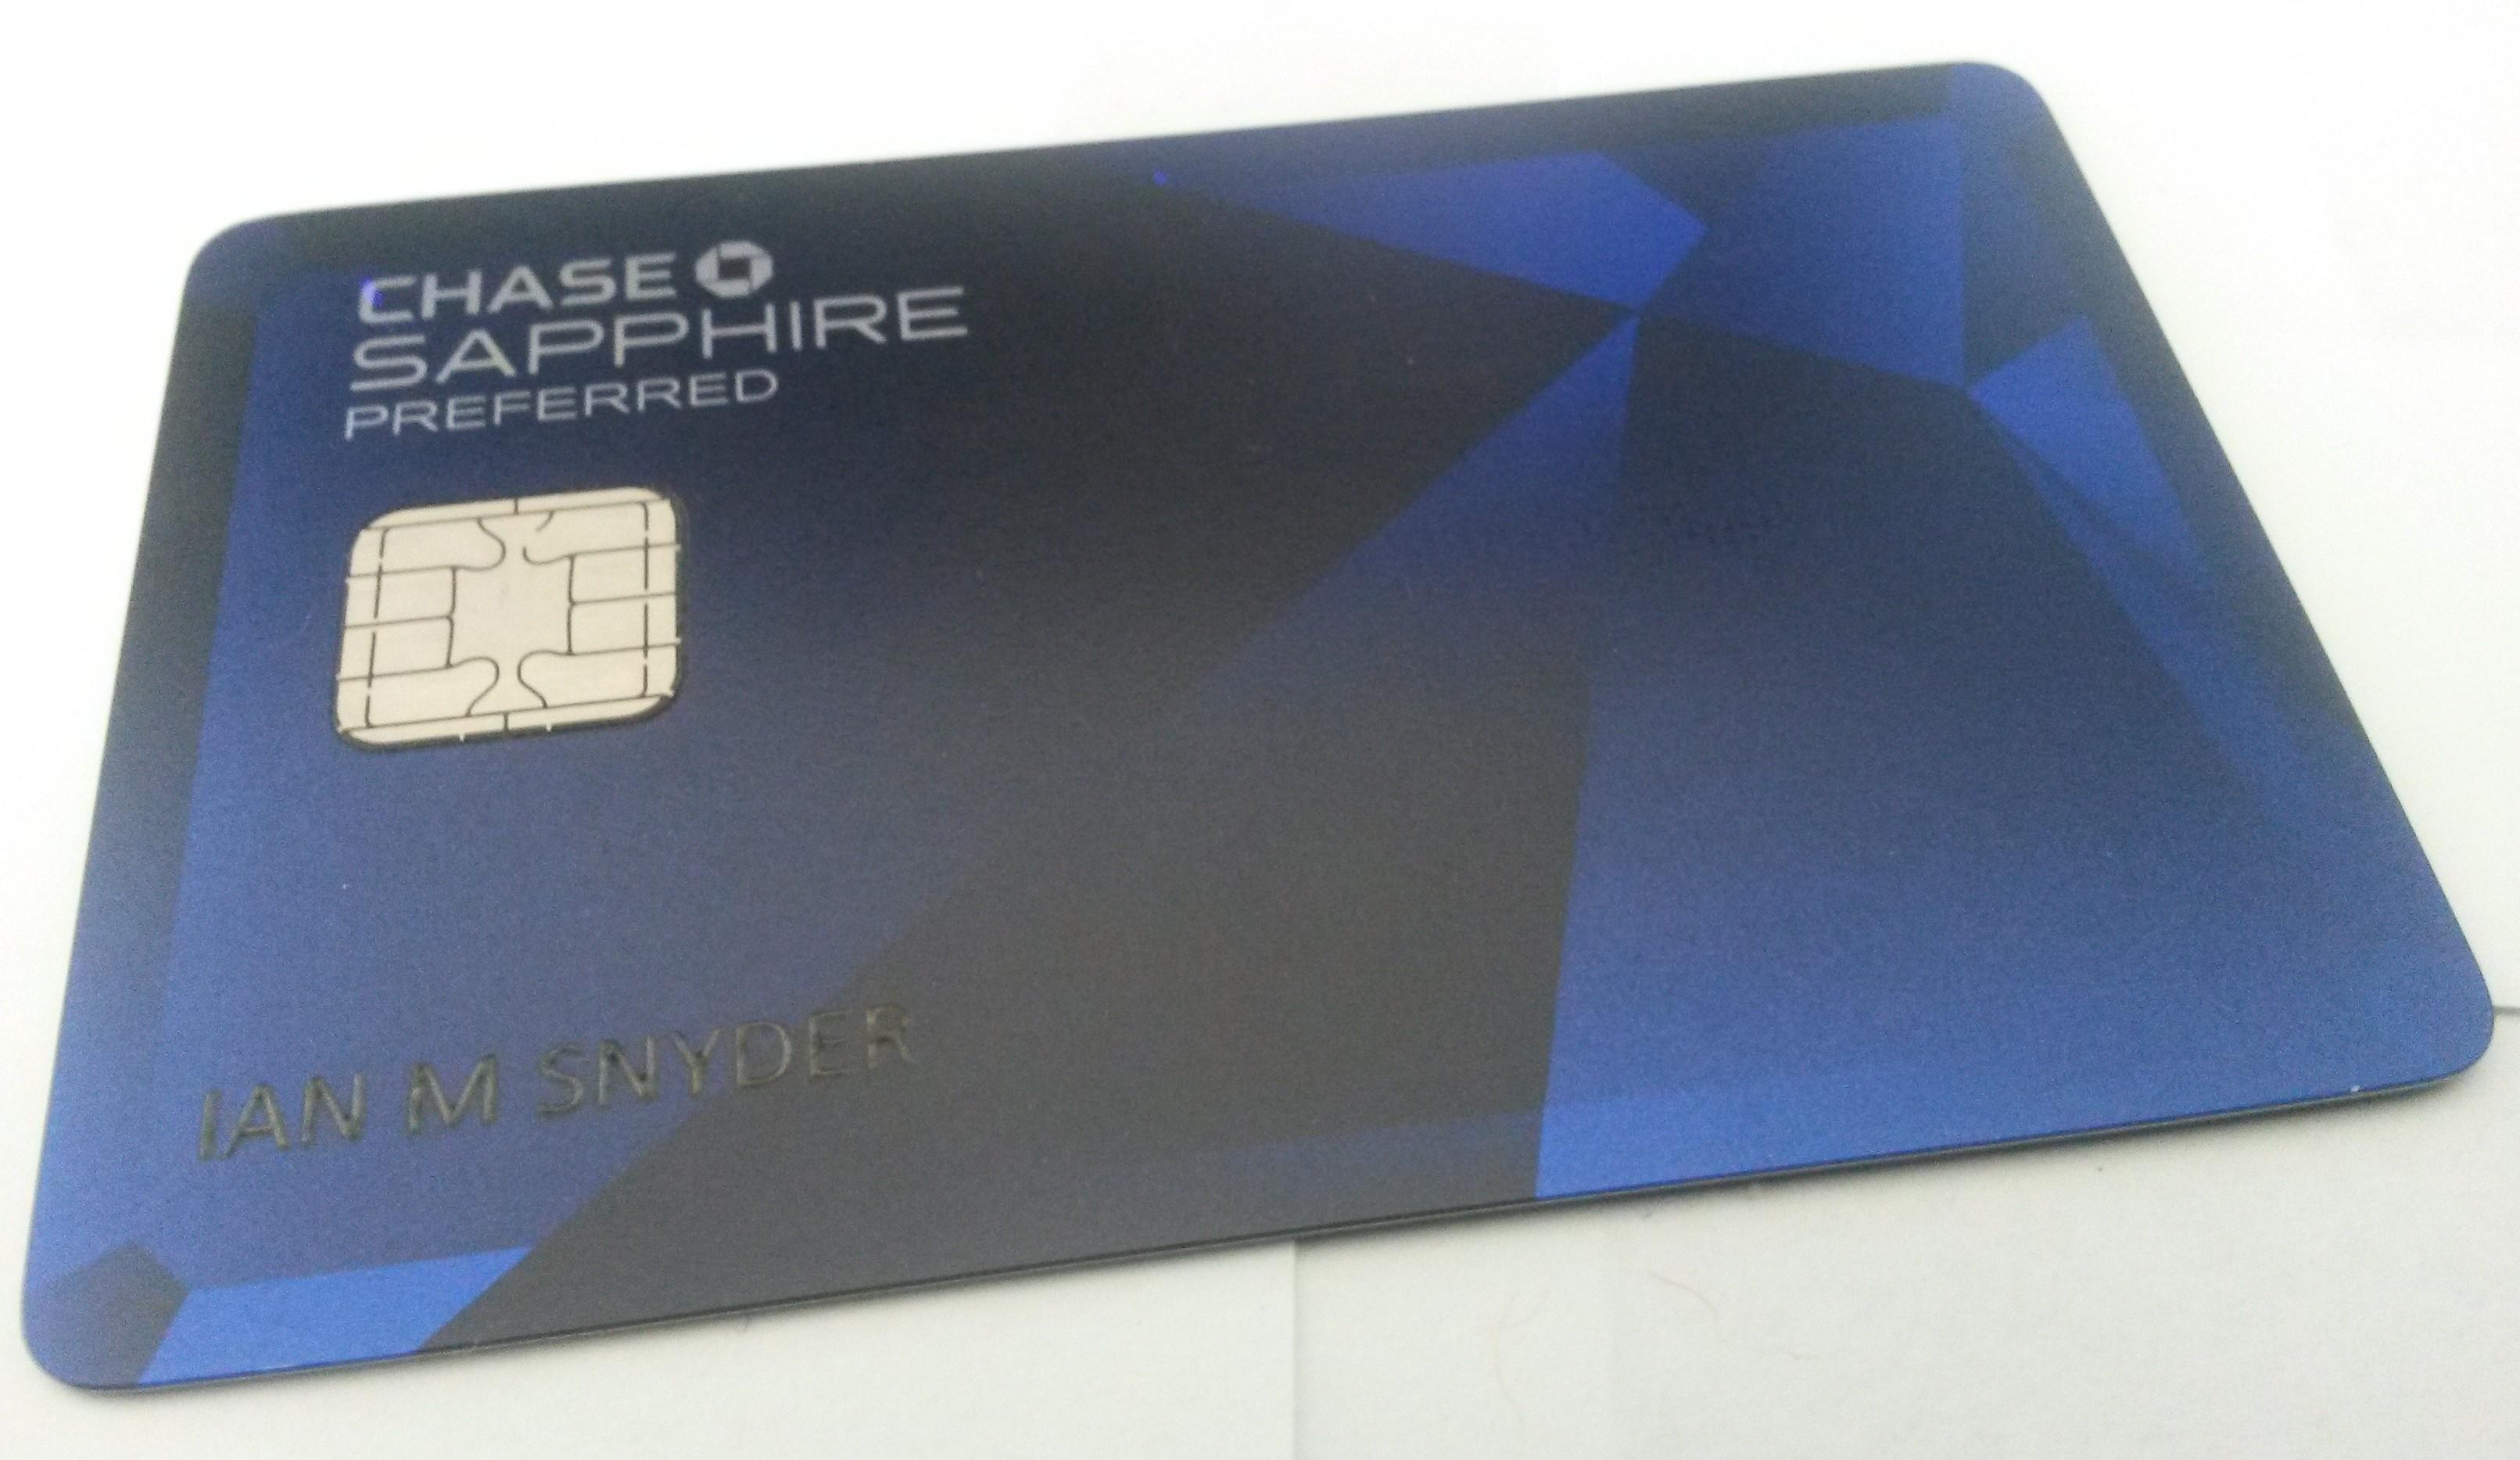 Best Starter Credit Card For Travel